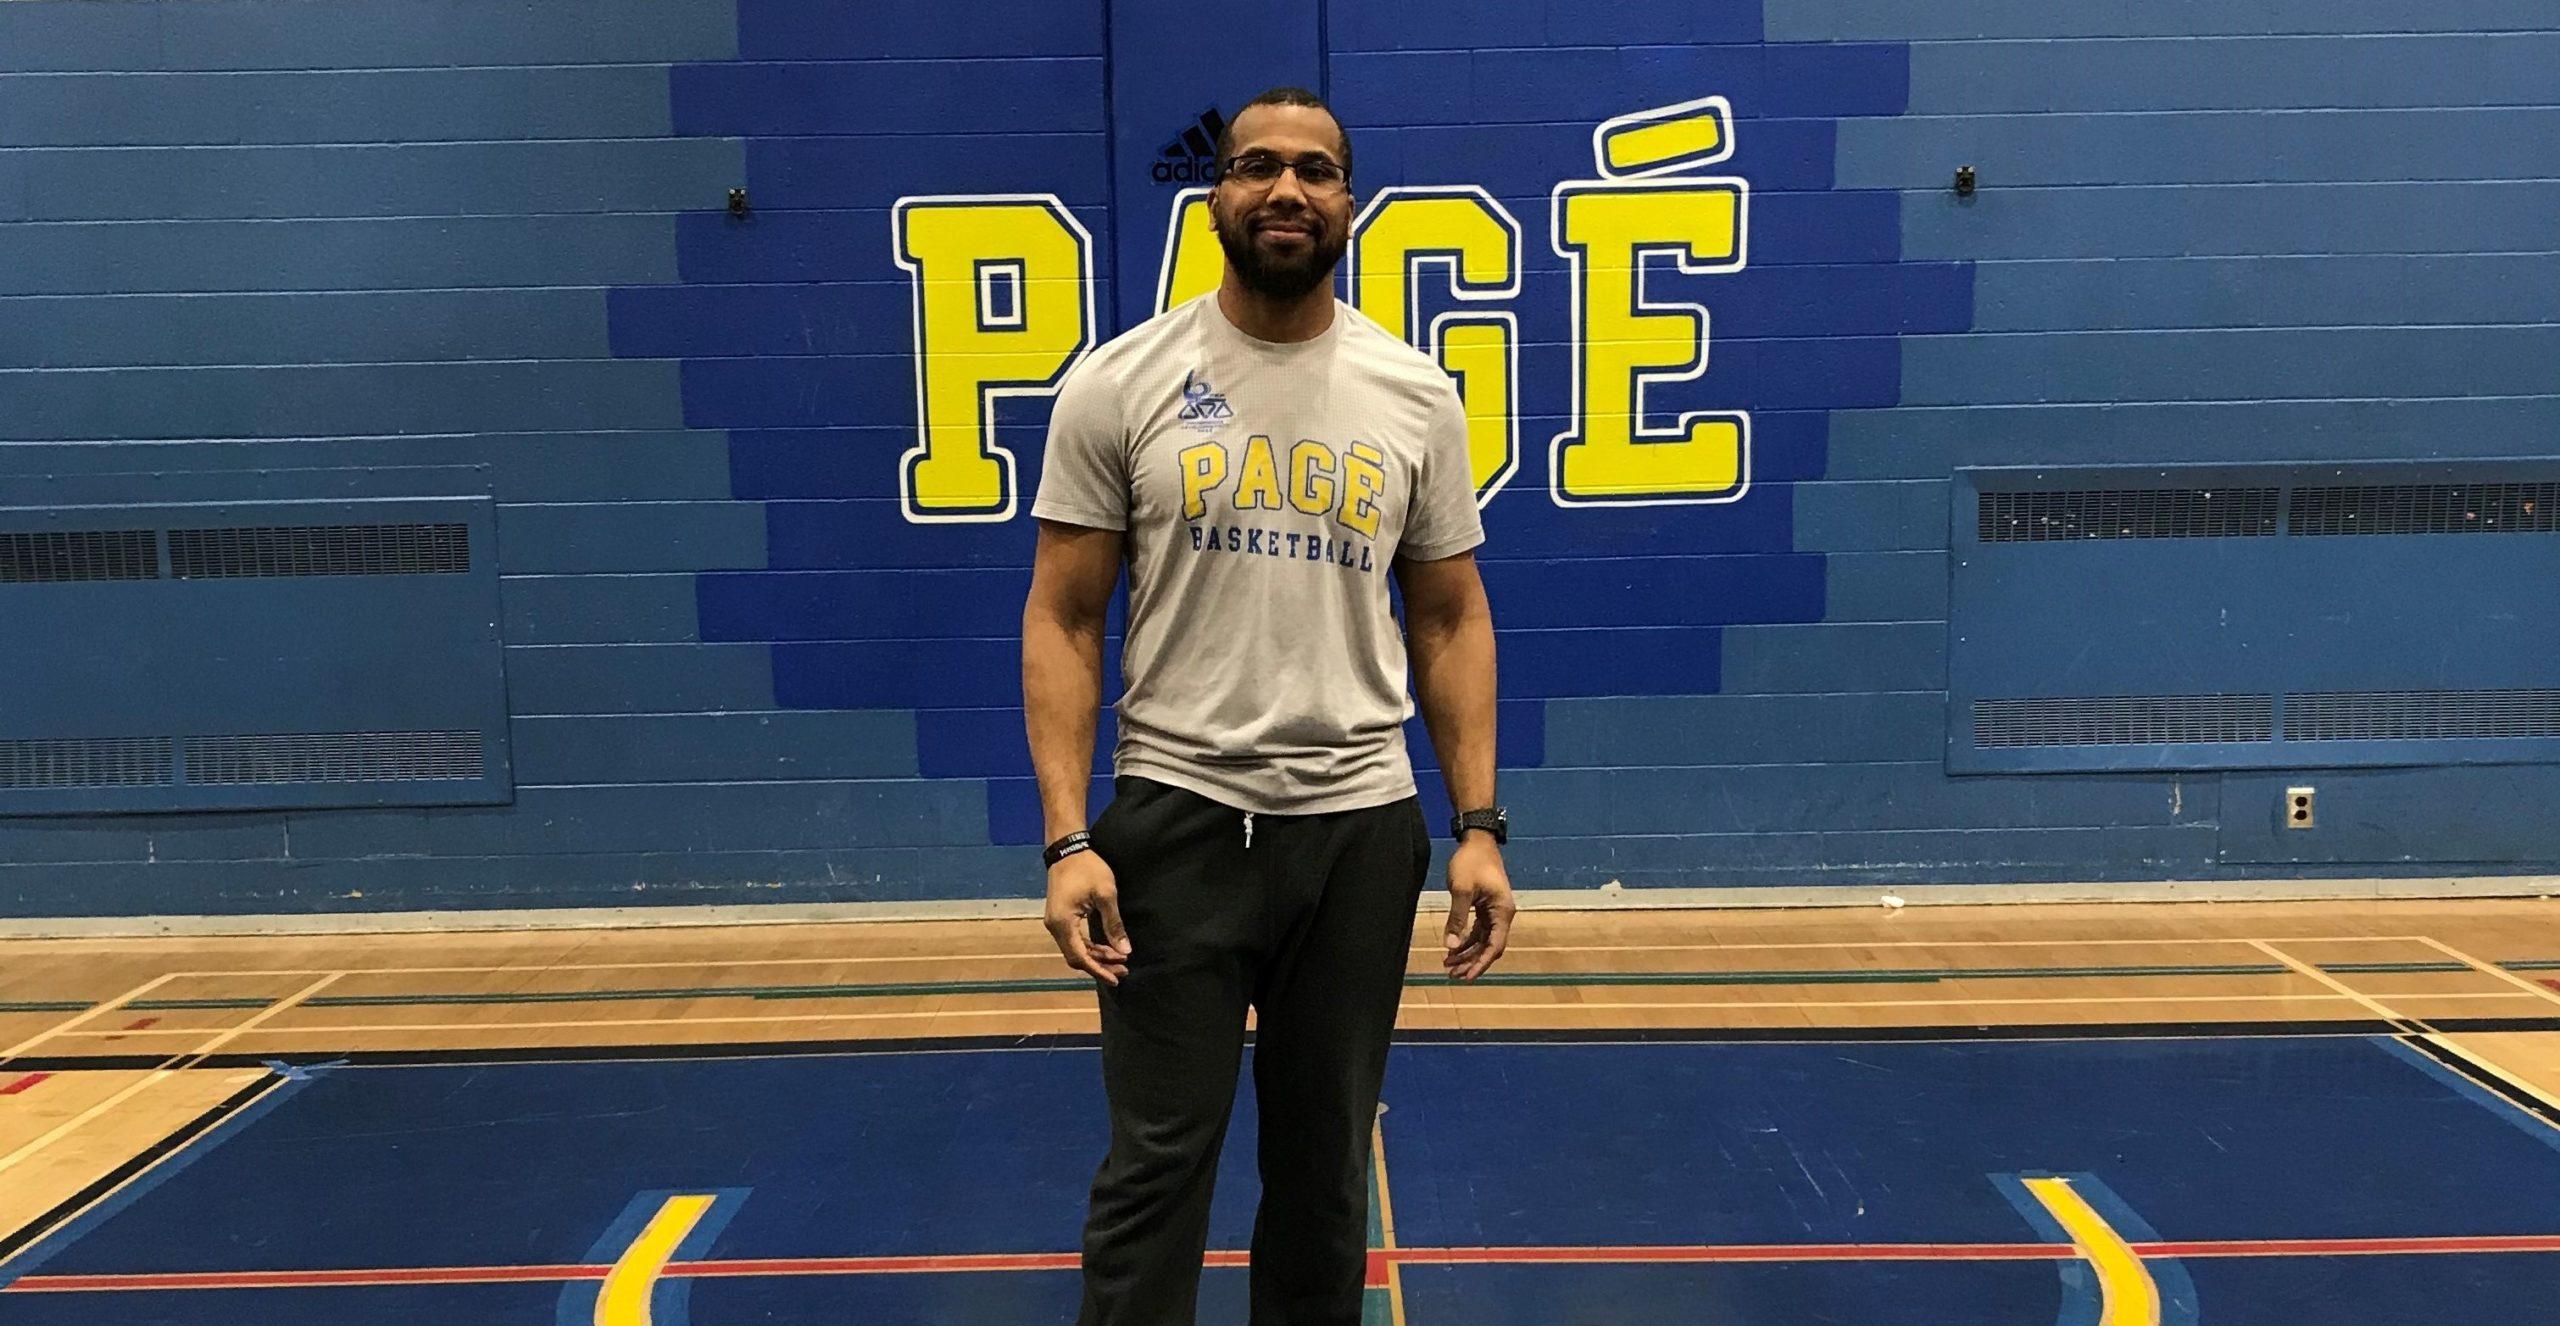 Alder Pierre : la réussite scolaire à travers le basket